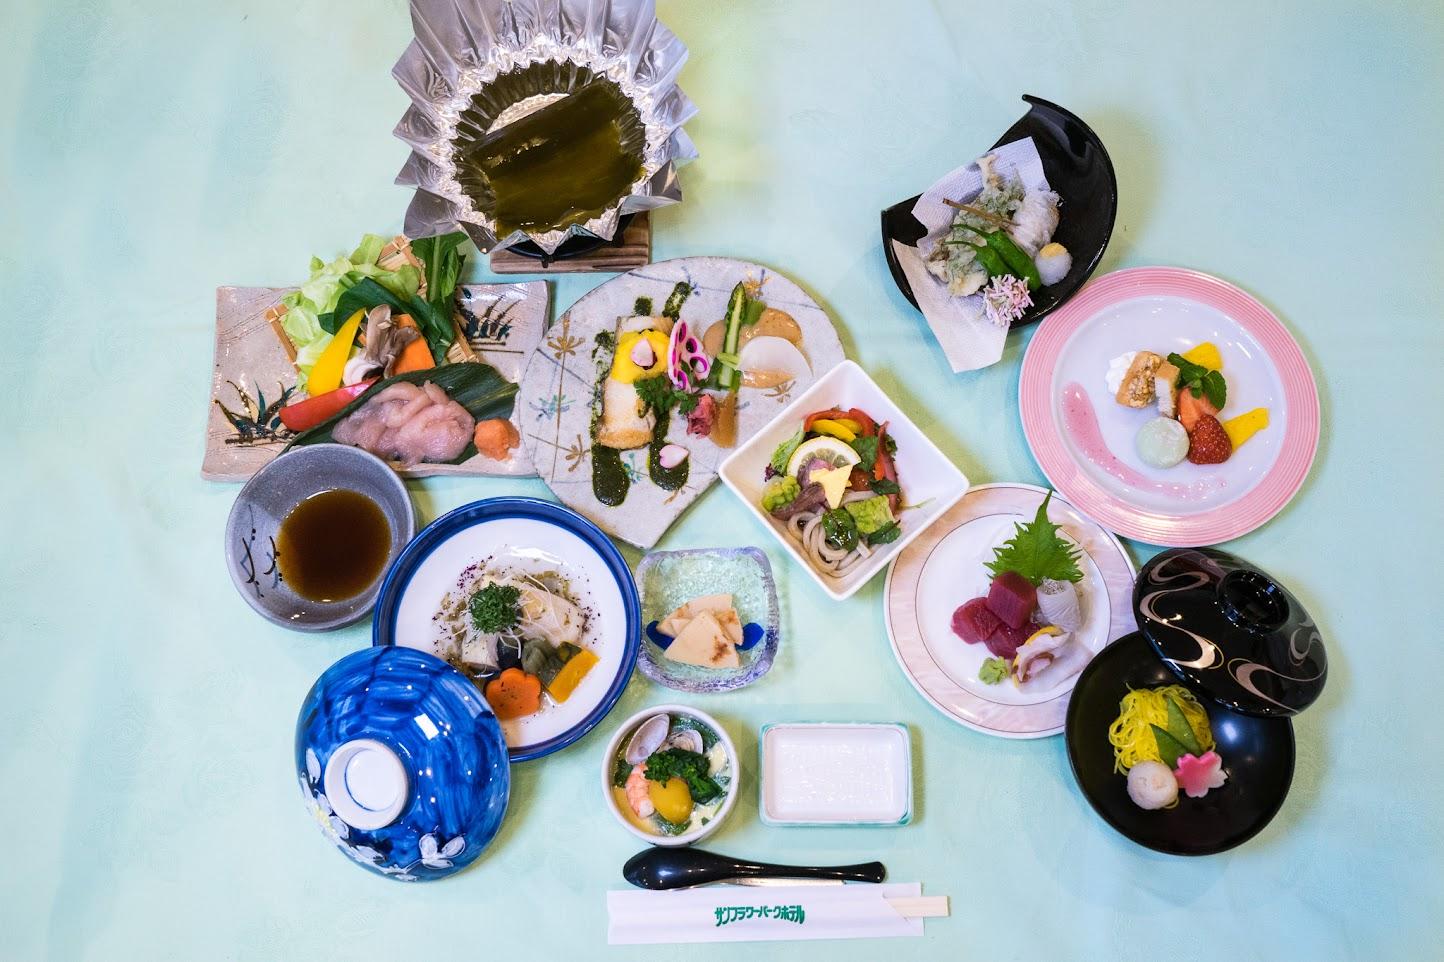 2016年春宿泊スタンダードコースの夕食膳11品・サンフラワーパークホテル